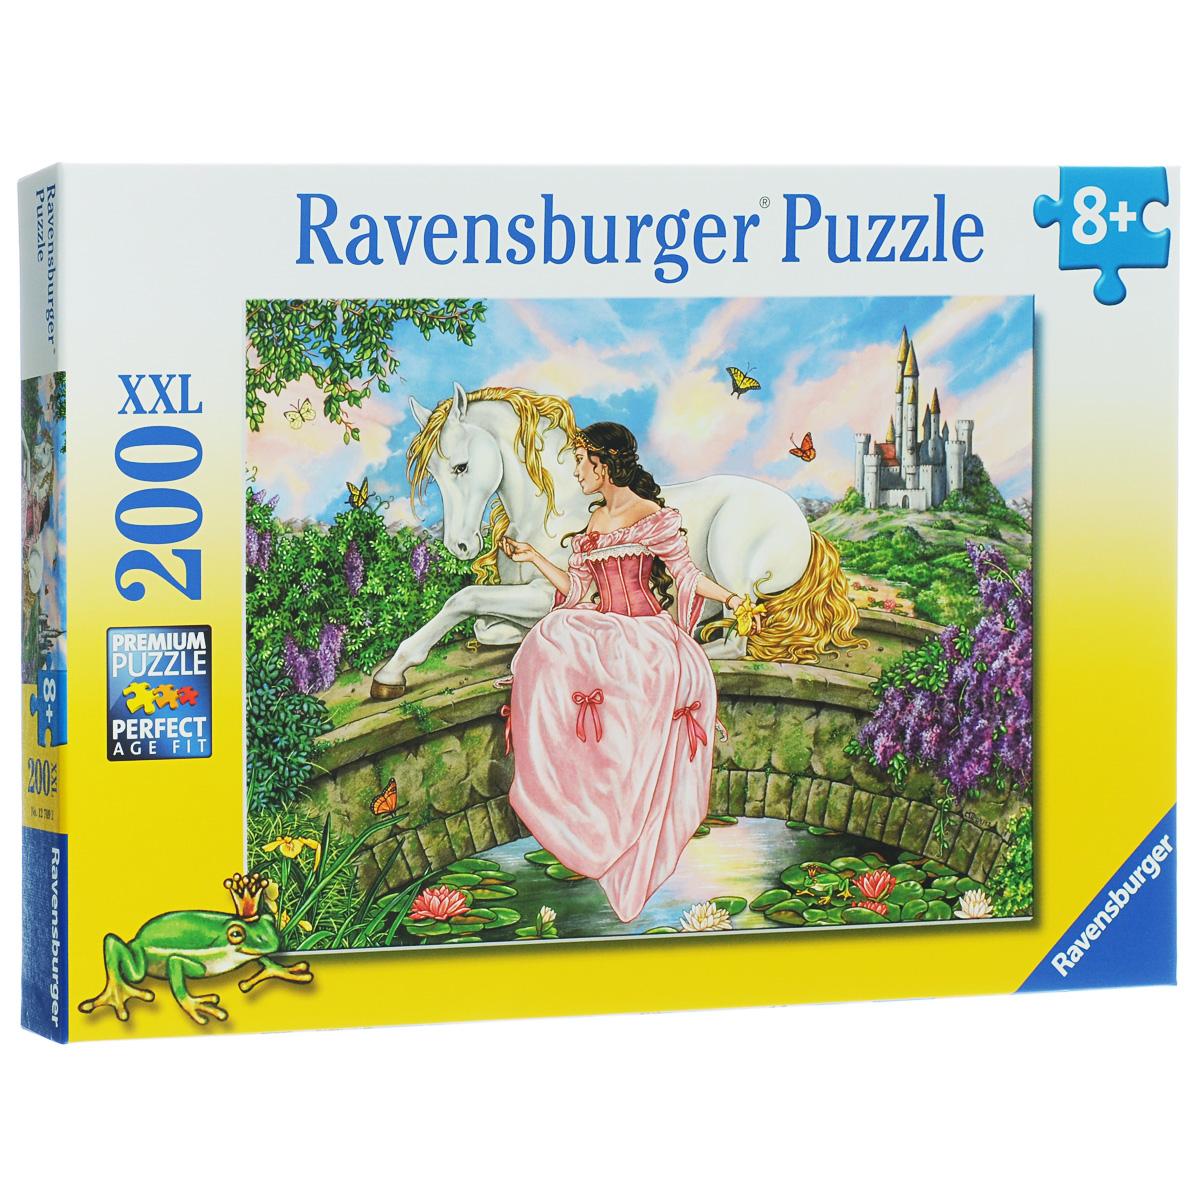 Ravensburger Принцесса на пруду. Пазл XXL, 200 элементов12709Пазл Ravensburger Принцесса на пруду понравится и вам, и вашему ребенку. Собрав этот пазл, включающий в себя 200 крупных элементов, вы получите замечательную картинку с изображением принцессы. Пазл - великолепная игра для семейного досуга. Сегодня собирание пазлов стало особенно популярным, главным образом, благодаря своей многообразной тематике, способной удовлетворить самый взыскательный вкус. А для детей это не только интересно, но и полезно. Собирание пазла развивает мелкую моторику у ребенка, тренирует наблюдательность, логическое мышление, знакомит с окружающим миром, с цветом и разнообразными формами.